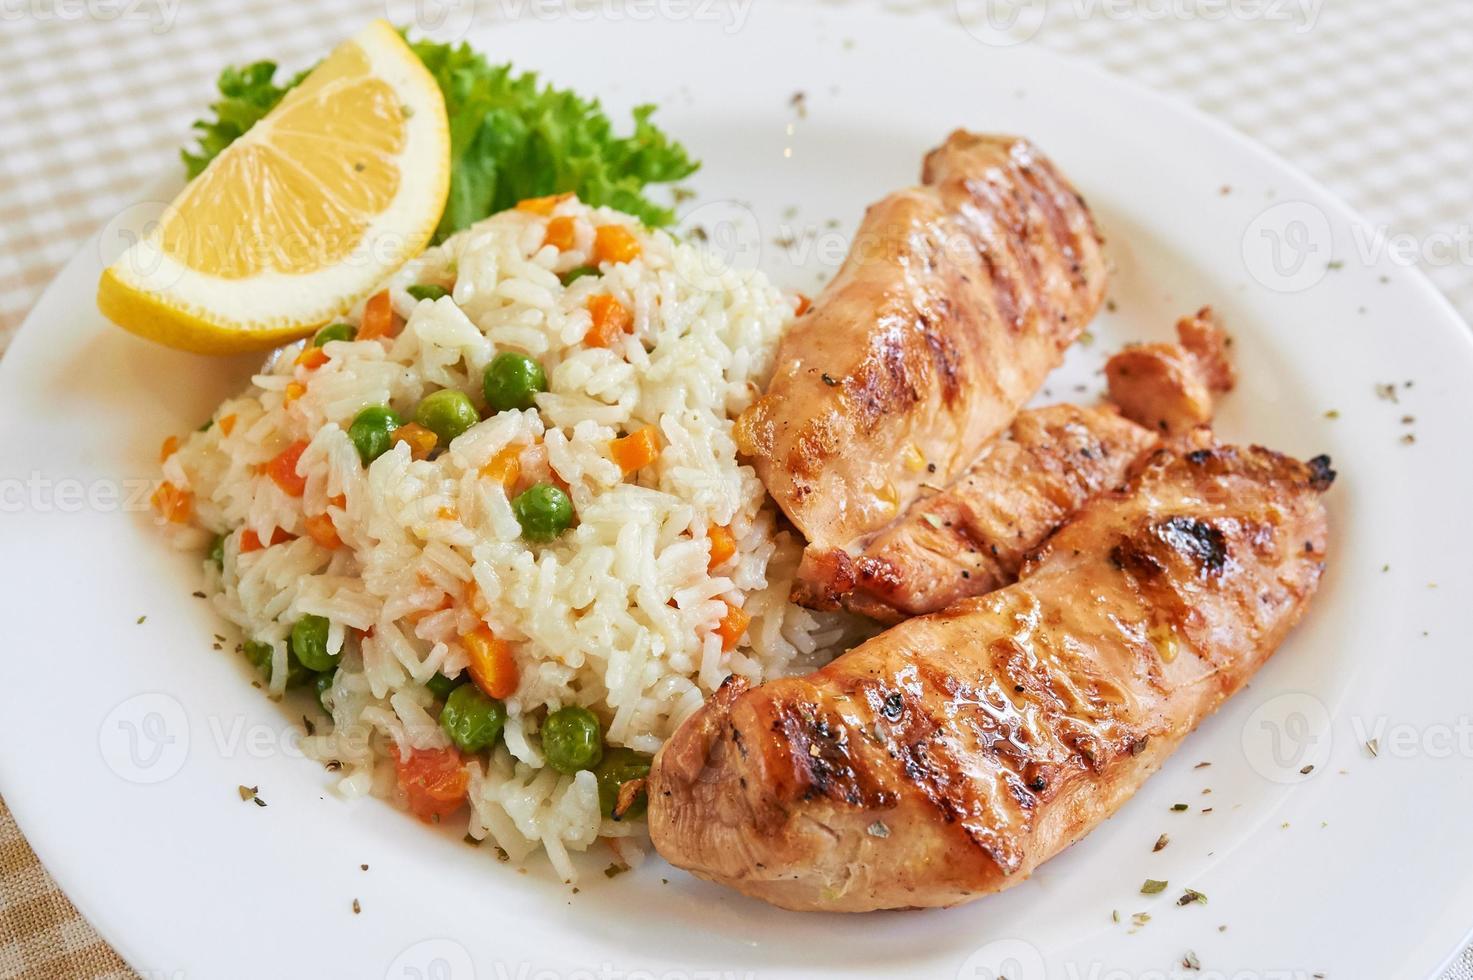 petto di pollo con riso bianco foto